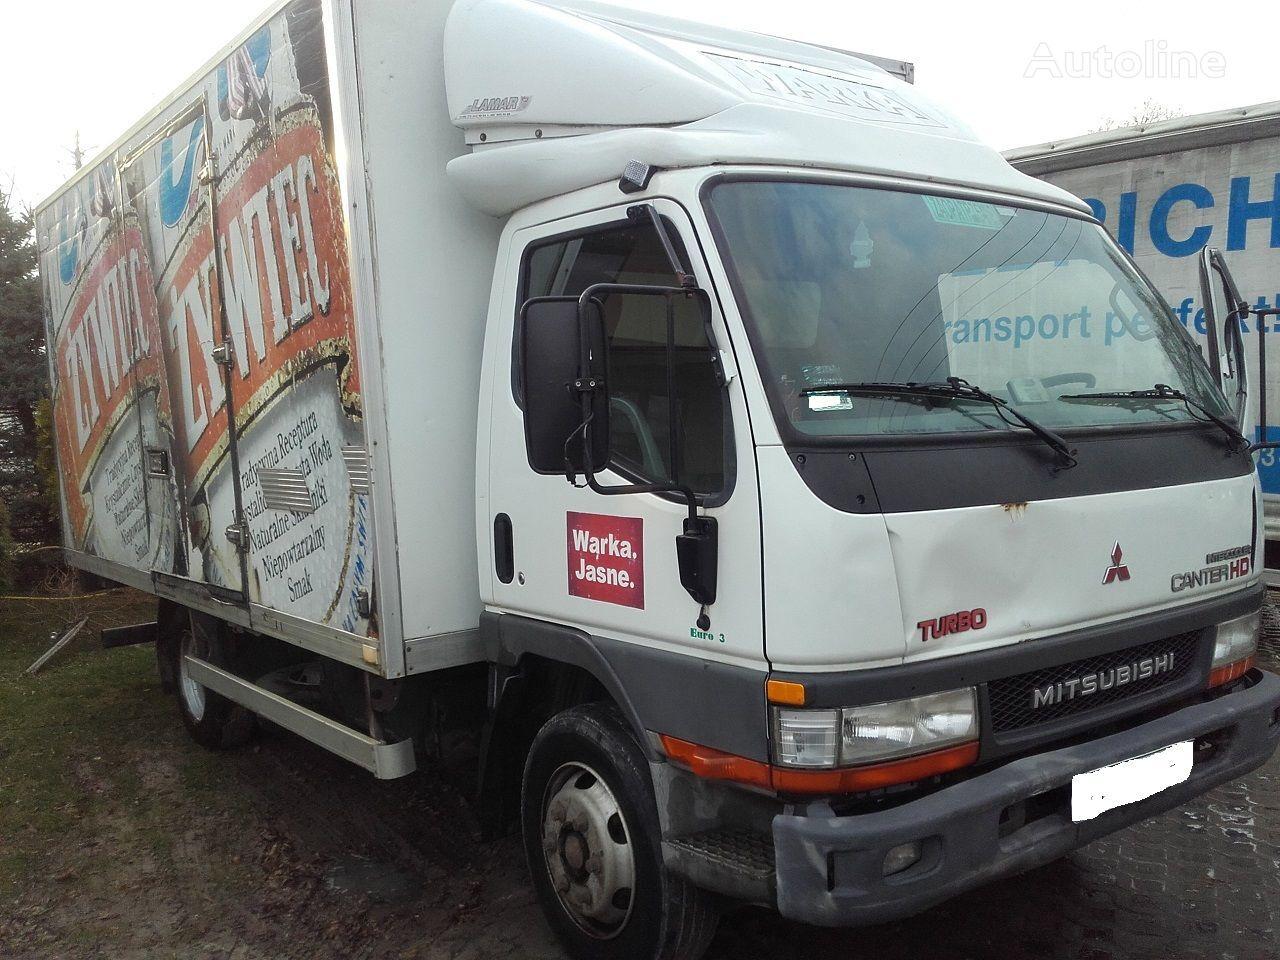 MITSUBISHI CANTER 3.9 HD camião furgão